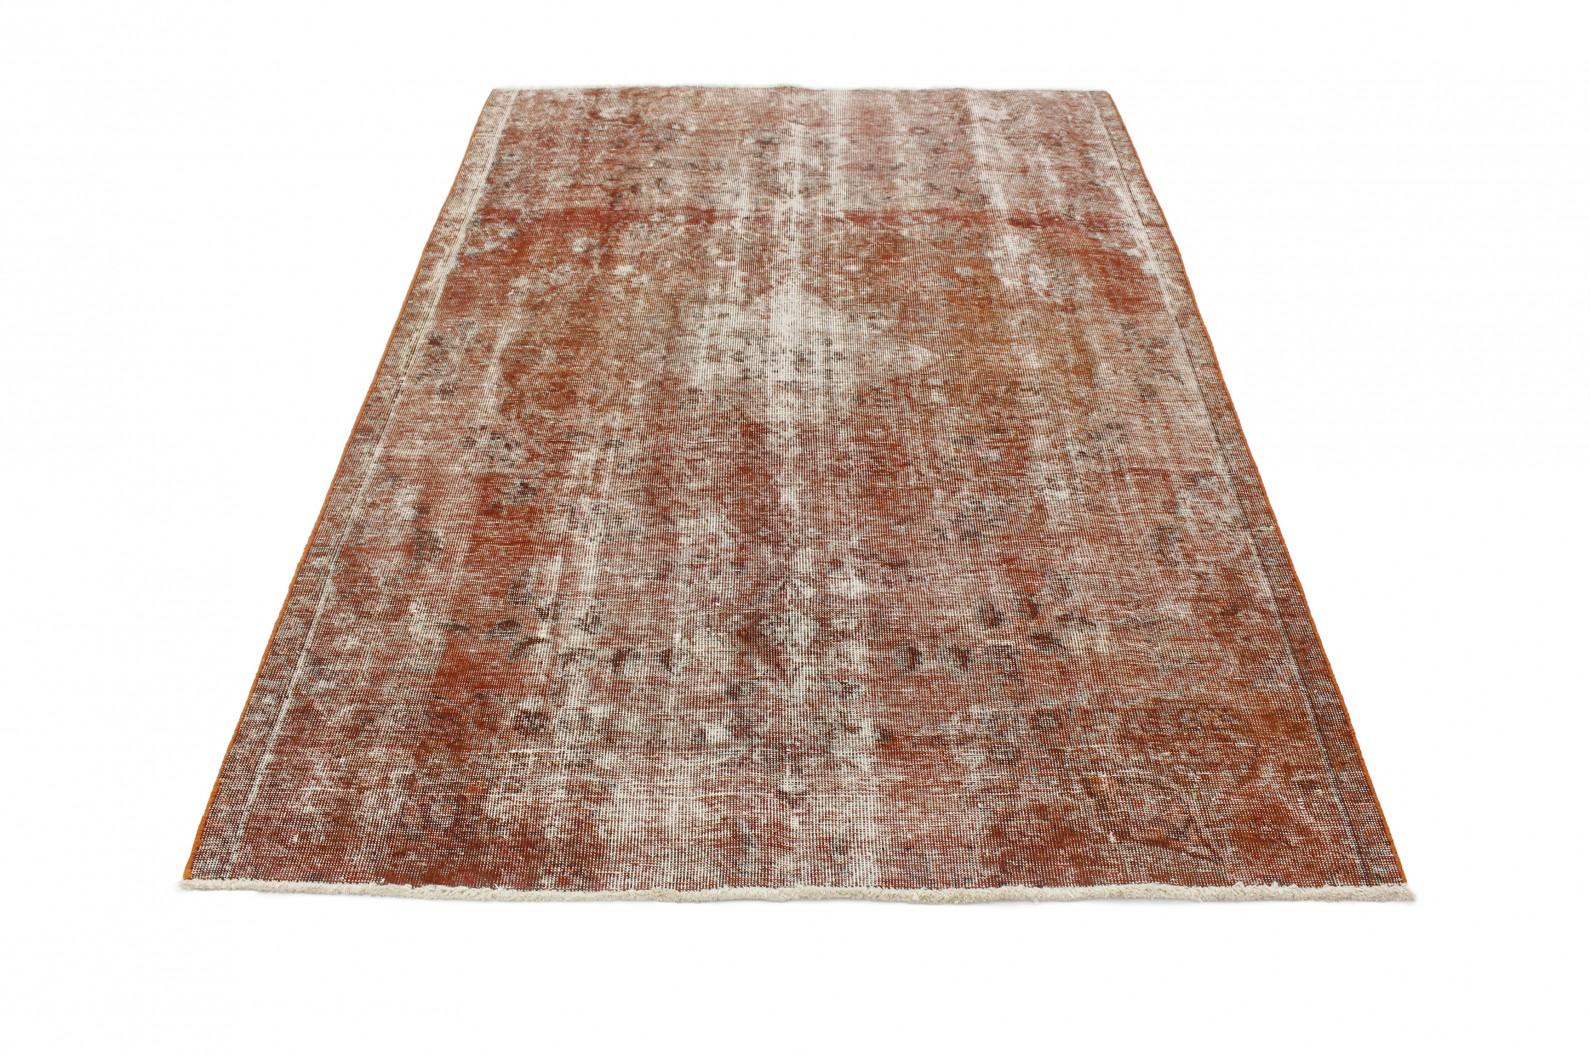 Vintage Teppich Rost Braun in 250x180 (1 / 3)